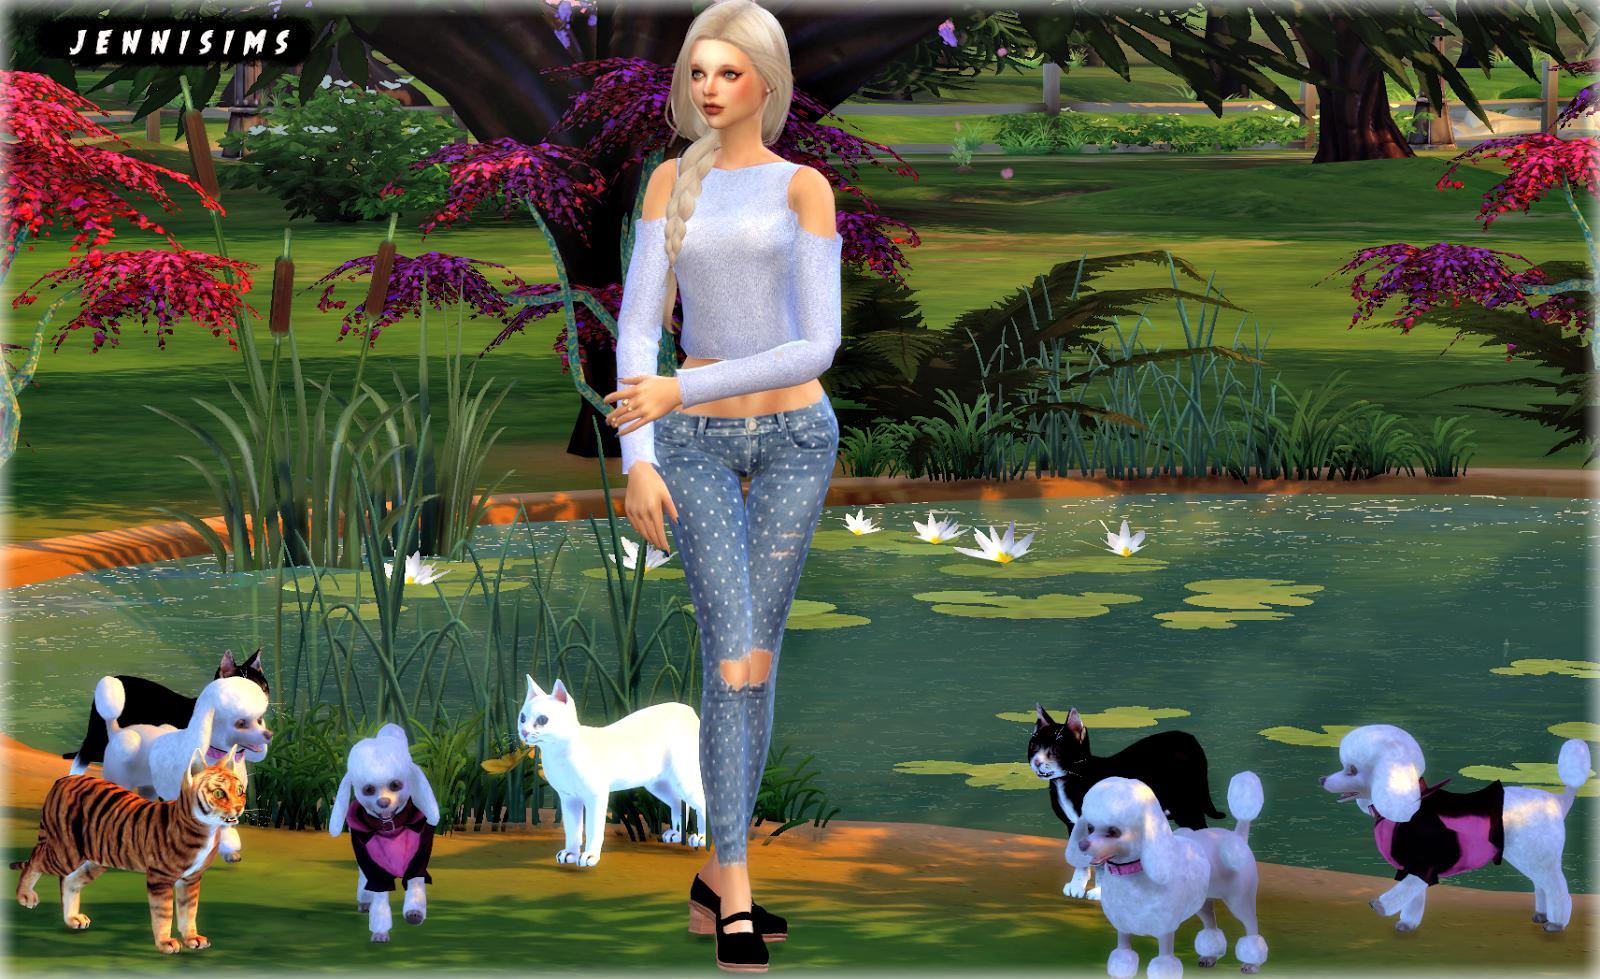 Downloads Sims 4 Pets Sets Decoration Elephant Cats Poodles Sims 4 Pets Sims 4 Sims